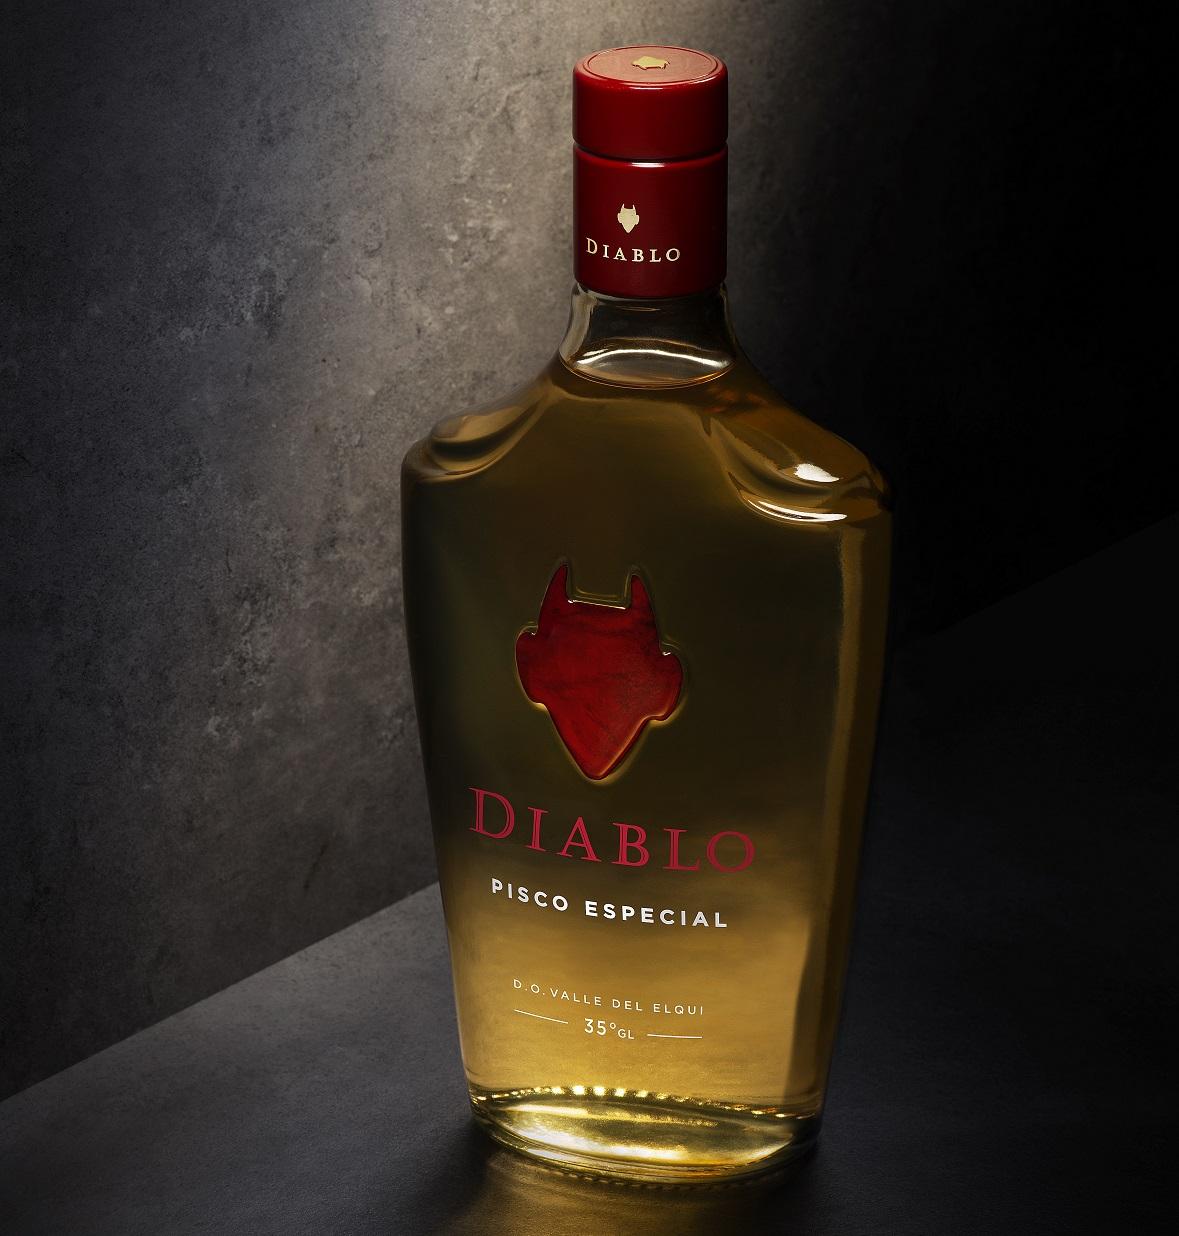 Diablo, el nuevo pisco de Viña Concha y Toro